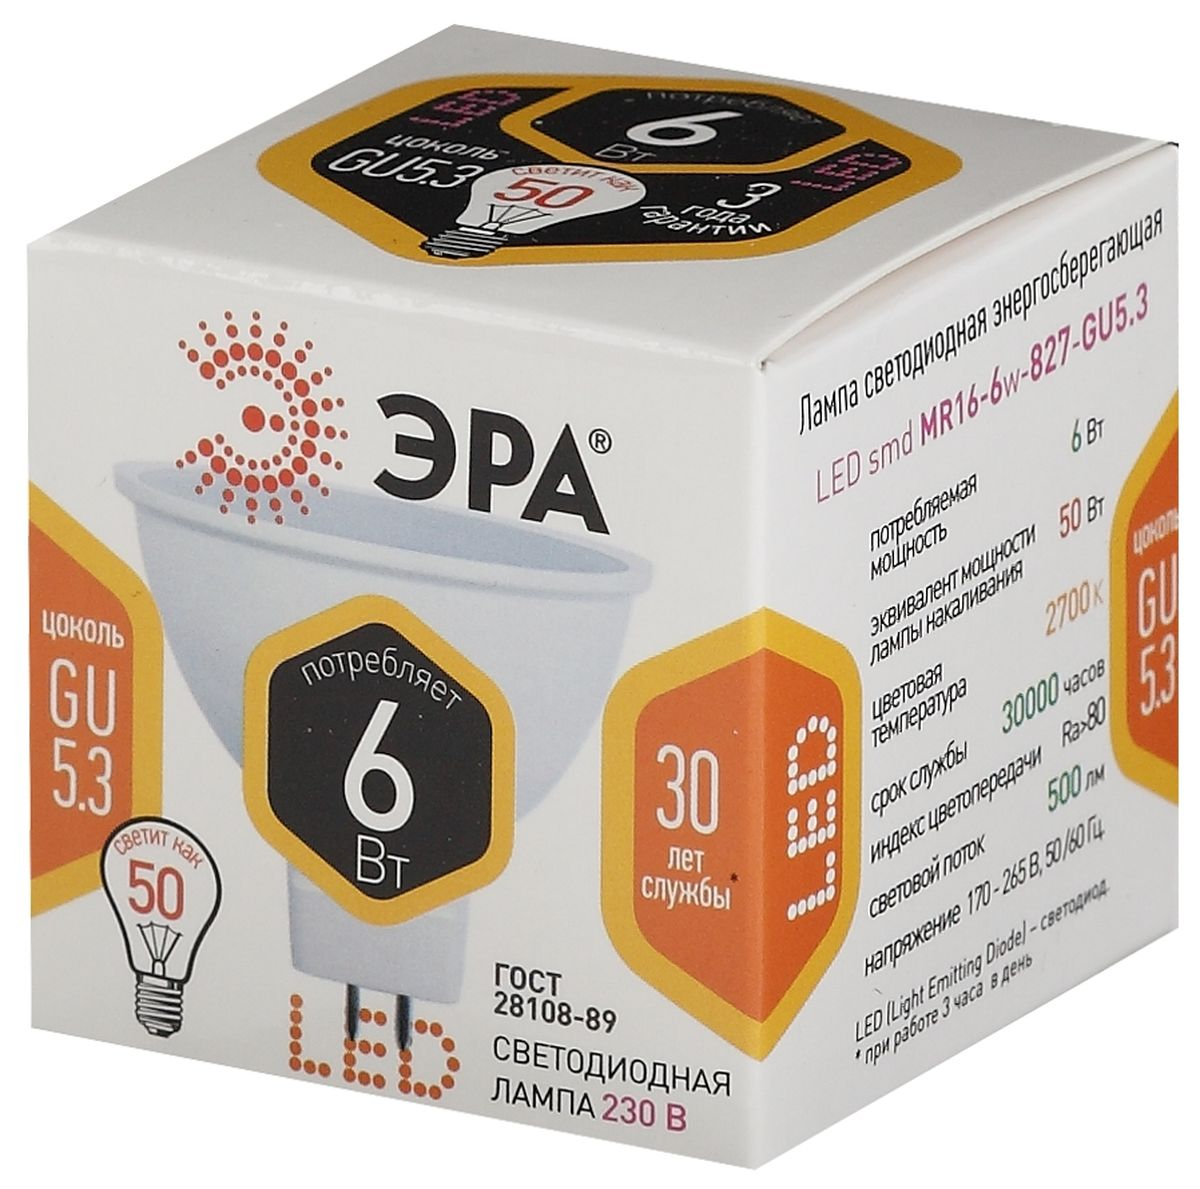 Лампа светодиодная ЭРА, цоколь GU5.3, 170-265V, 6W, 2700К5055945503098Светодиодная лампа ЭРА является самым перспективным источником света. Основным преимуществом данного источника света является длительный срок службы и очень низкое энергопотребление, так, например, по сравнению с обычной лампой накаливания светодиодная лампа служит в среднем в 50 раз дольше и потребляет в 10-15 раз меньше электроэнергии. При этом светодиодная лампа практически не подвержена механическому воздействию из-за прочной конструкции и позволяет получить любой цвет светового потока, что, несомненно, расширяет возможности применения и позволяет создавать новые решения в области освещения.Особенности серии MR16:Лампочки лучшие в соотношении цена-качествоПредставлена широкая линейка, наличие всех типов цоколей ламп бытового сегментаСветовая отдача - 90-100 лм/ВтГарантия - 2 годаСовместимы с выключателями с подсветкой.